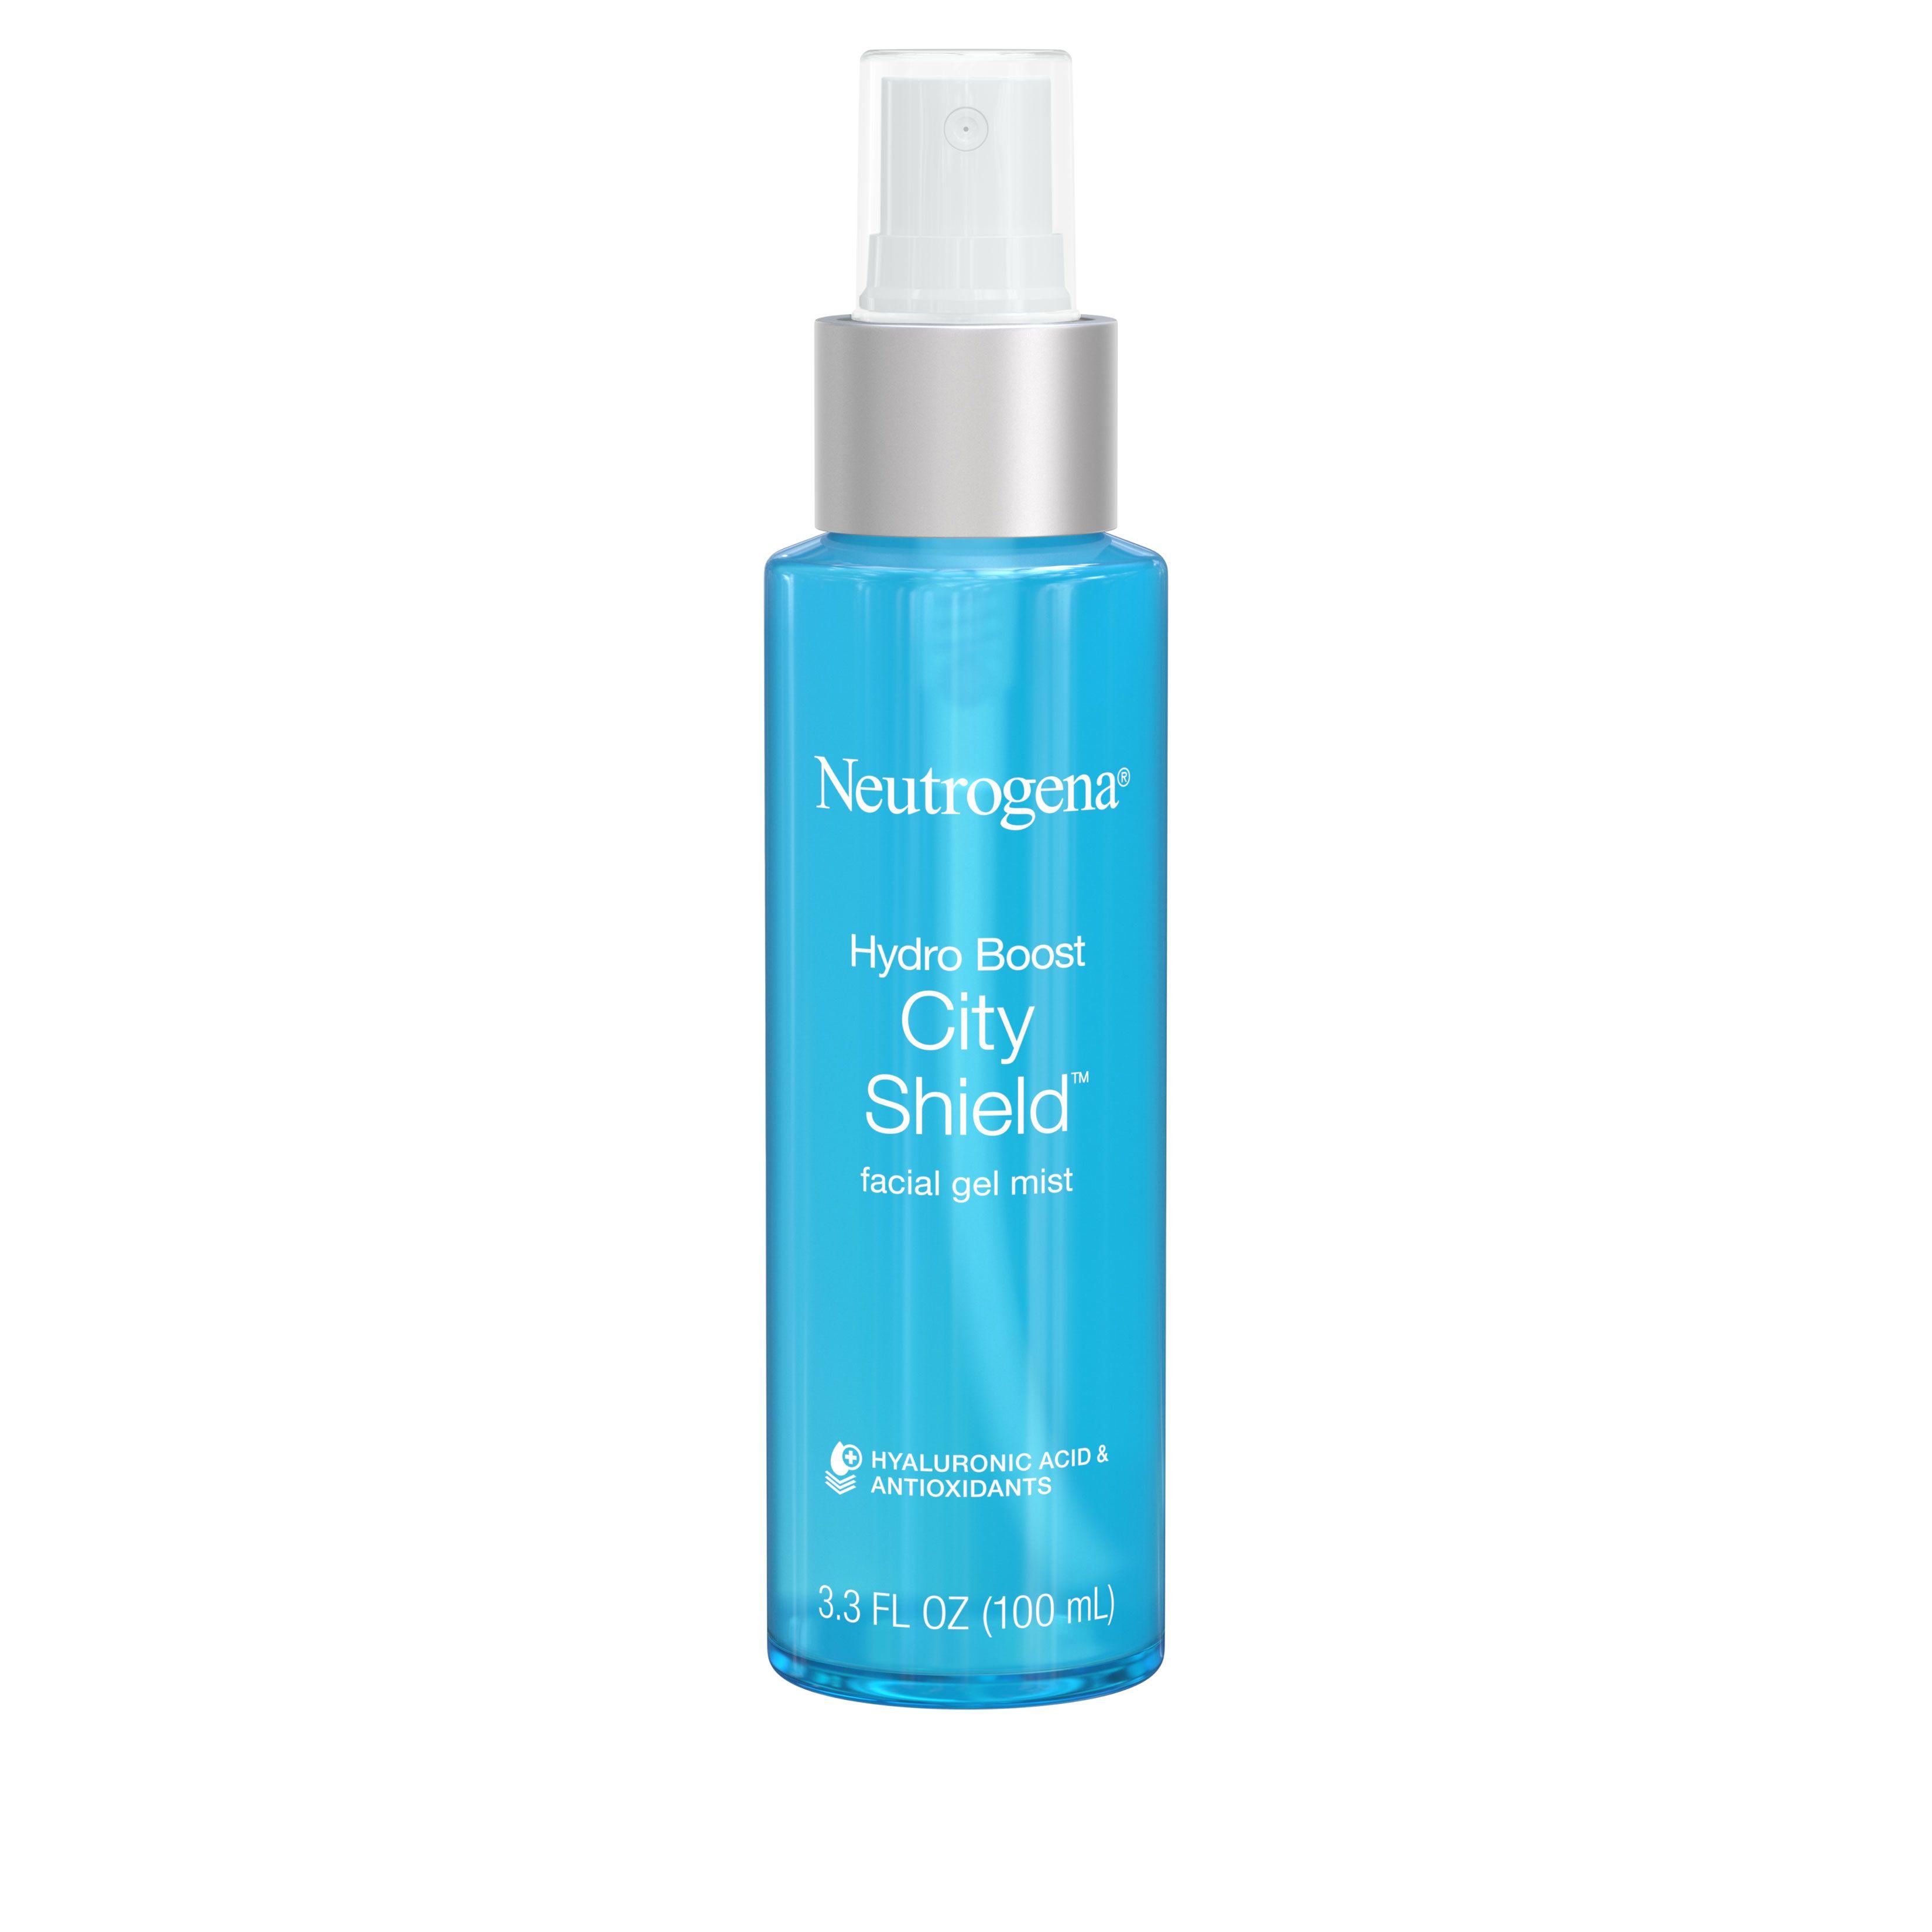 Neutrogena® Hydro Boost City Shield™ Facial Gel Mist in